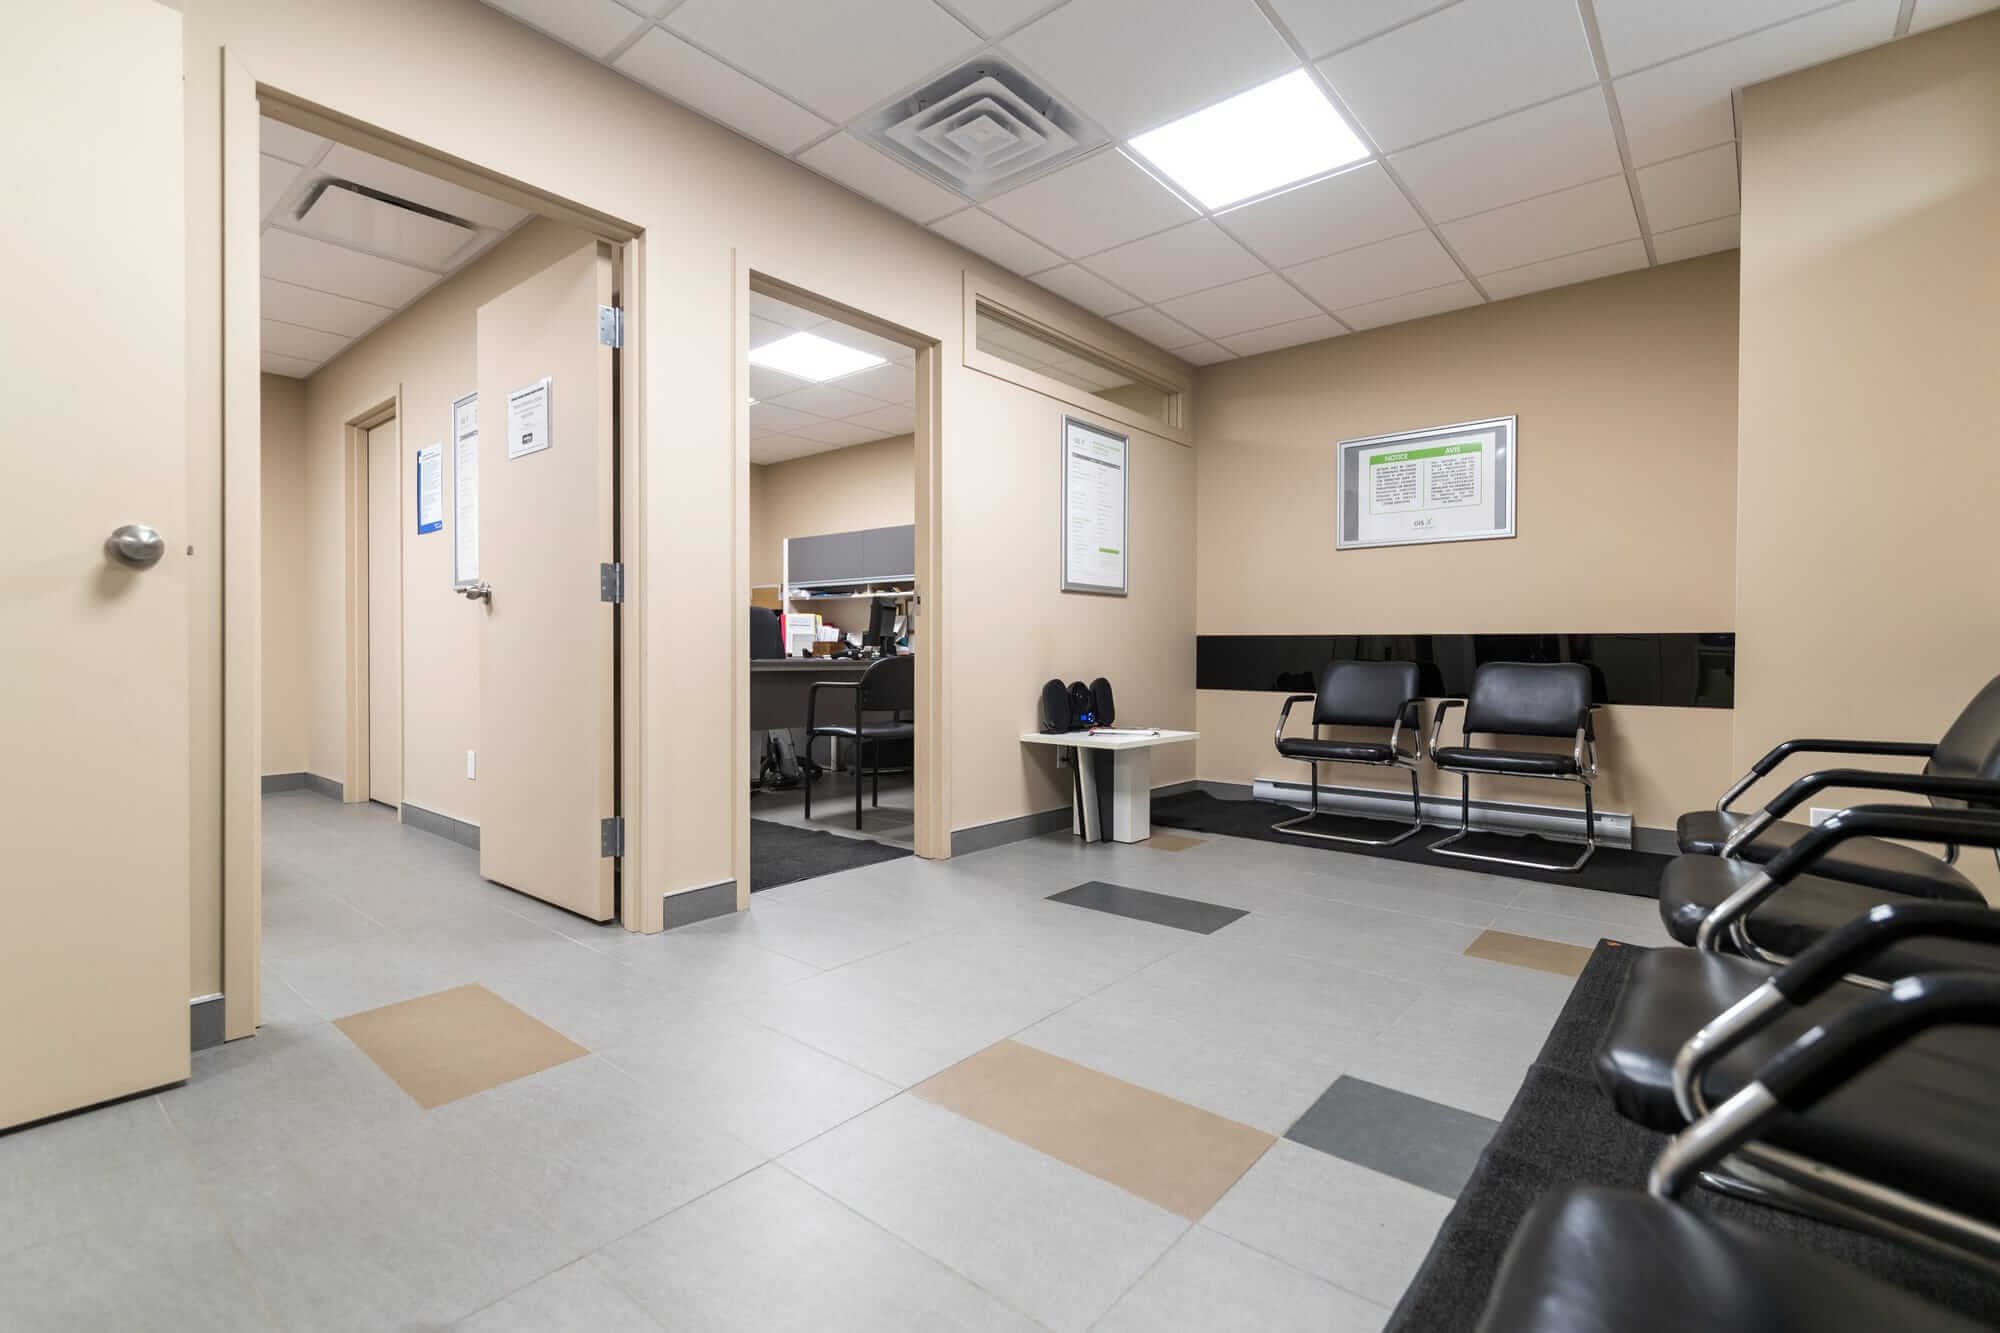 rénovation commerciale - vue sur salle d'attente avec chaises noires et murs beiges